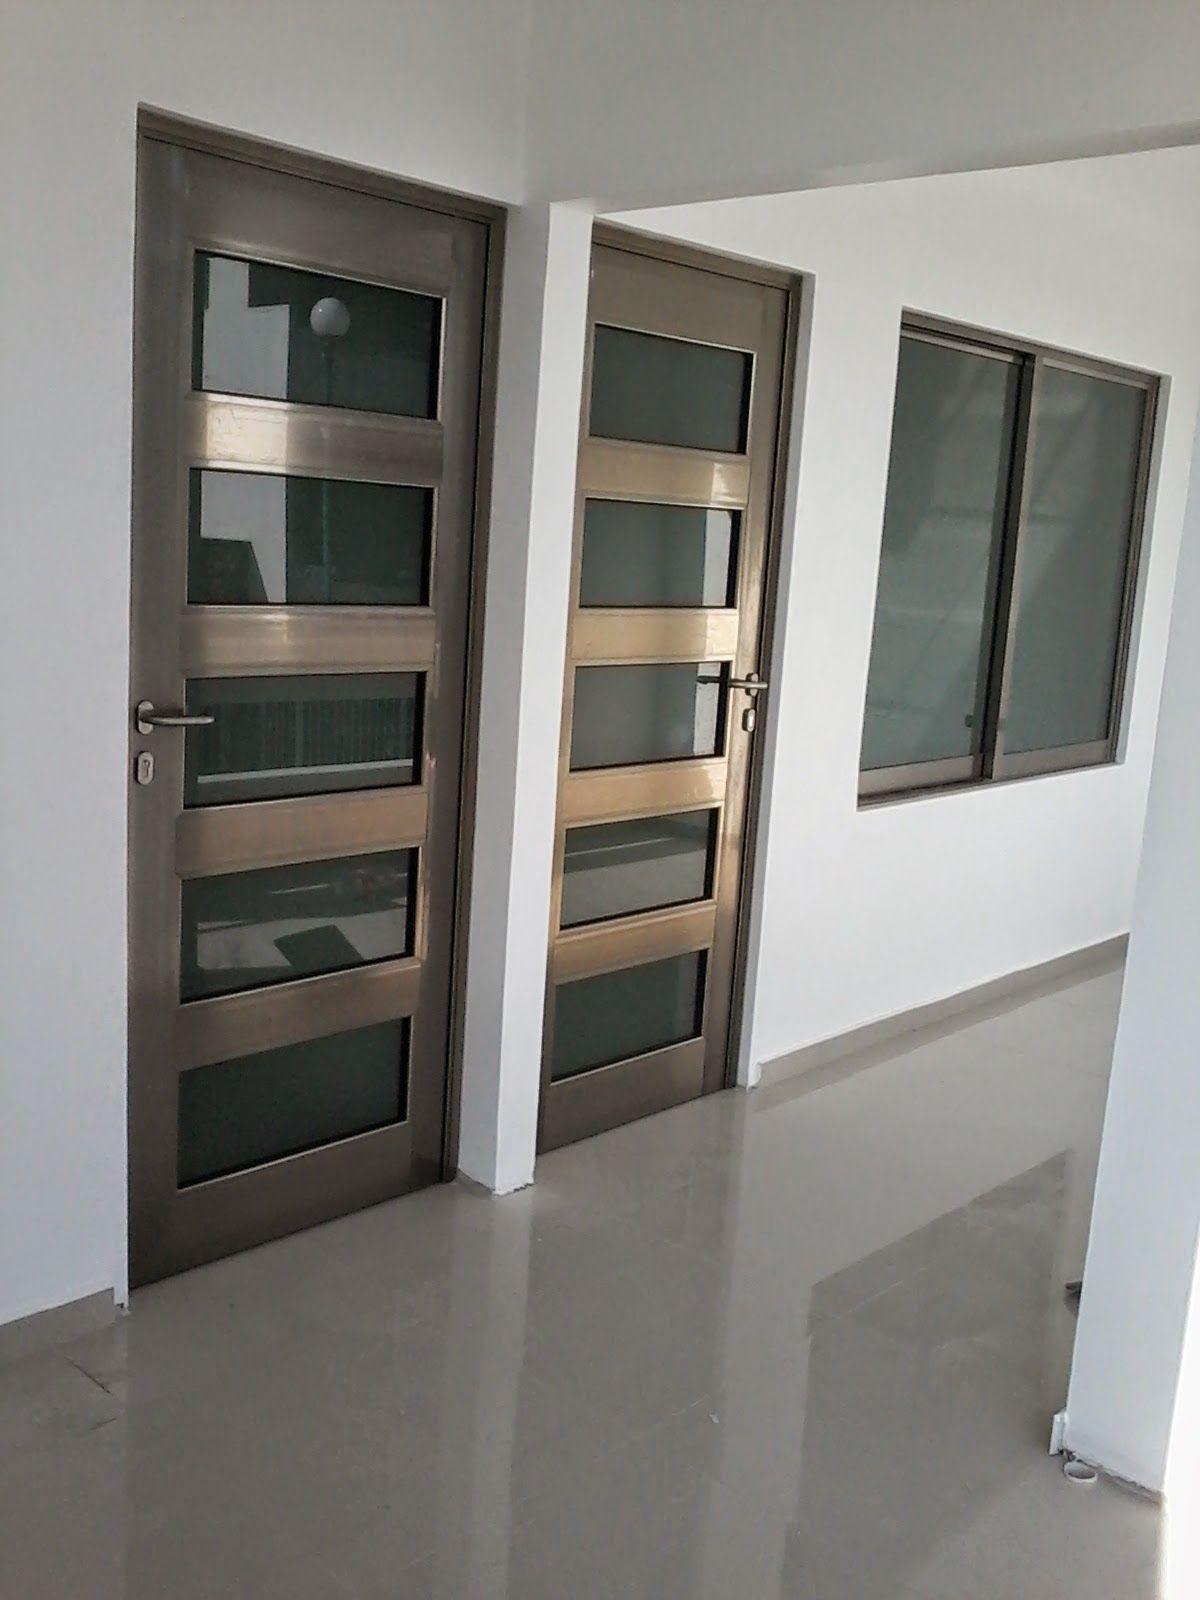 Imagen Relacionada Puertas Aluminio Pinterest Puertas  ~ Puertas De Aluminio Con Cristal